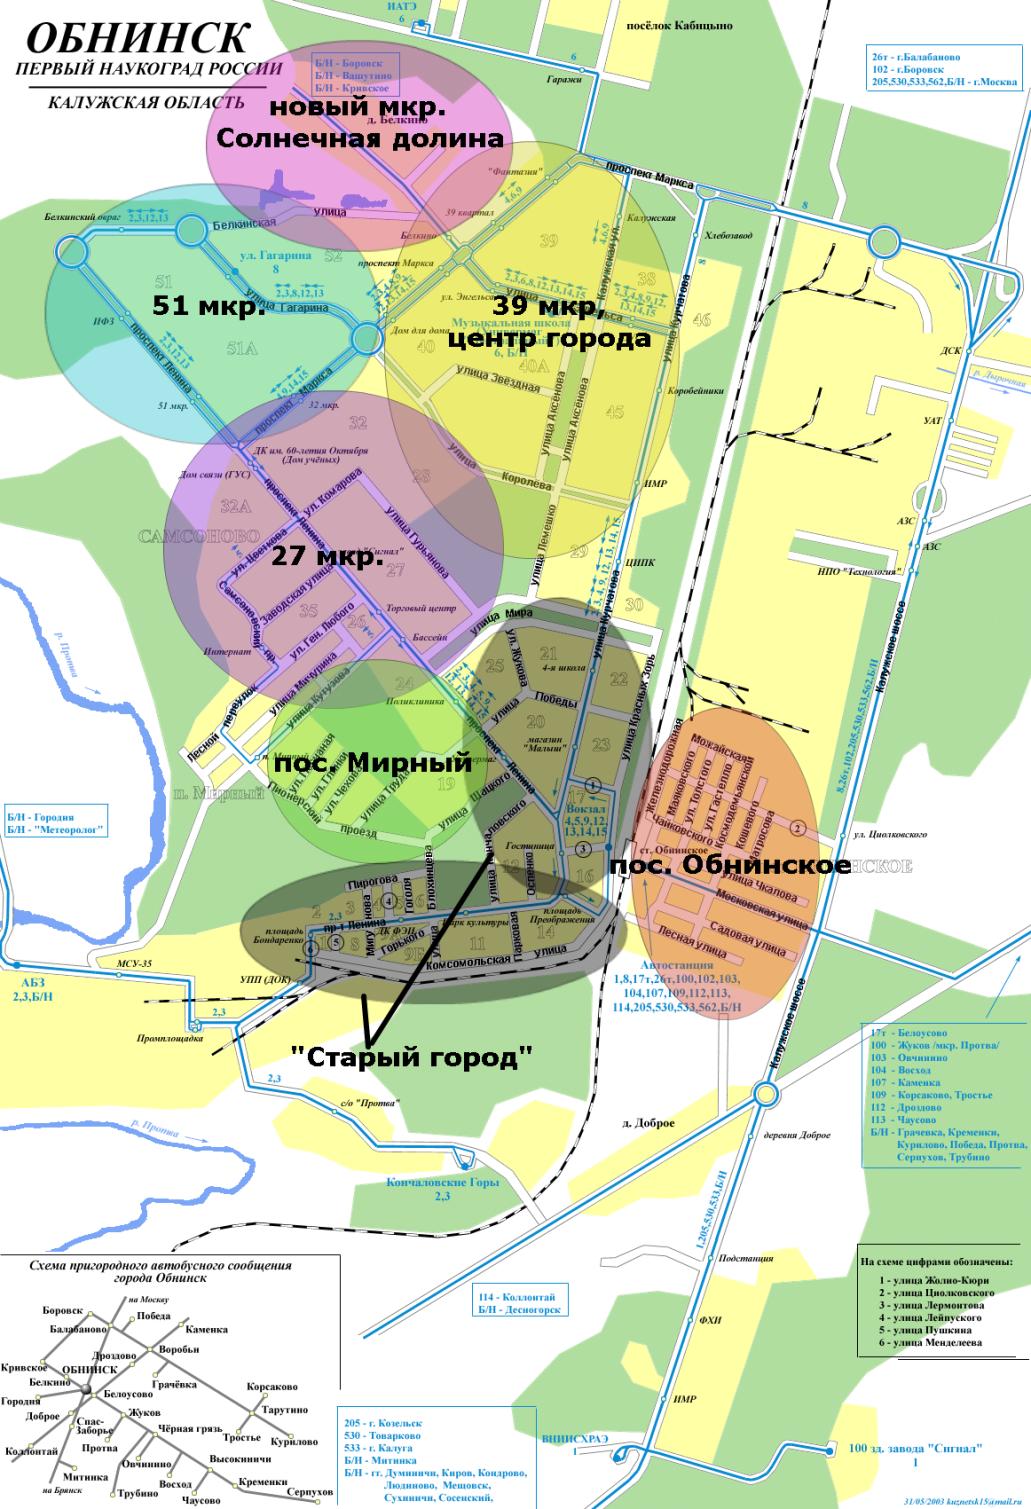 Карта территориального деления города Обнинска